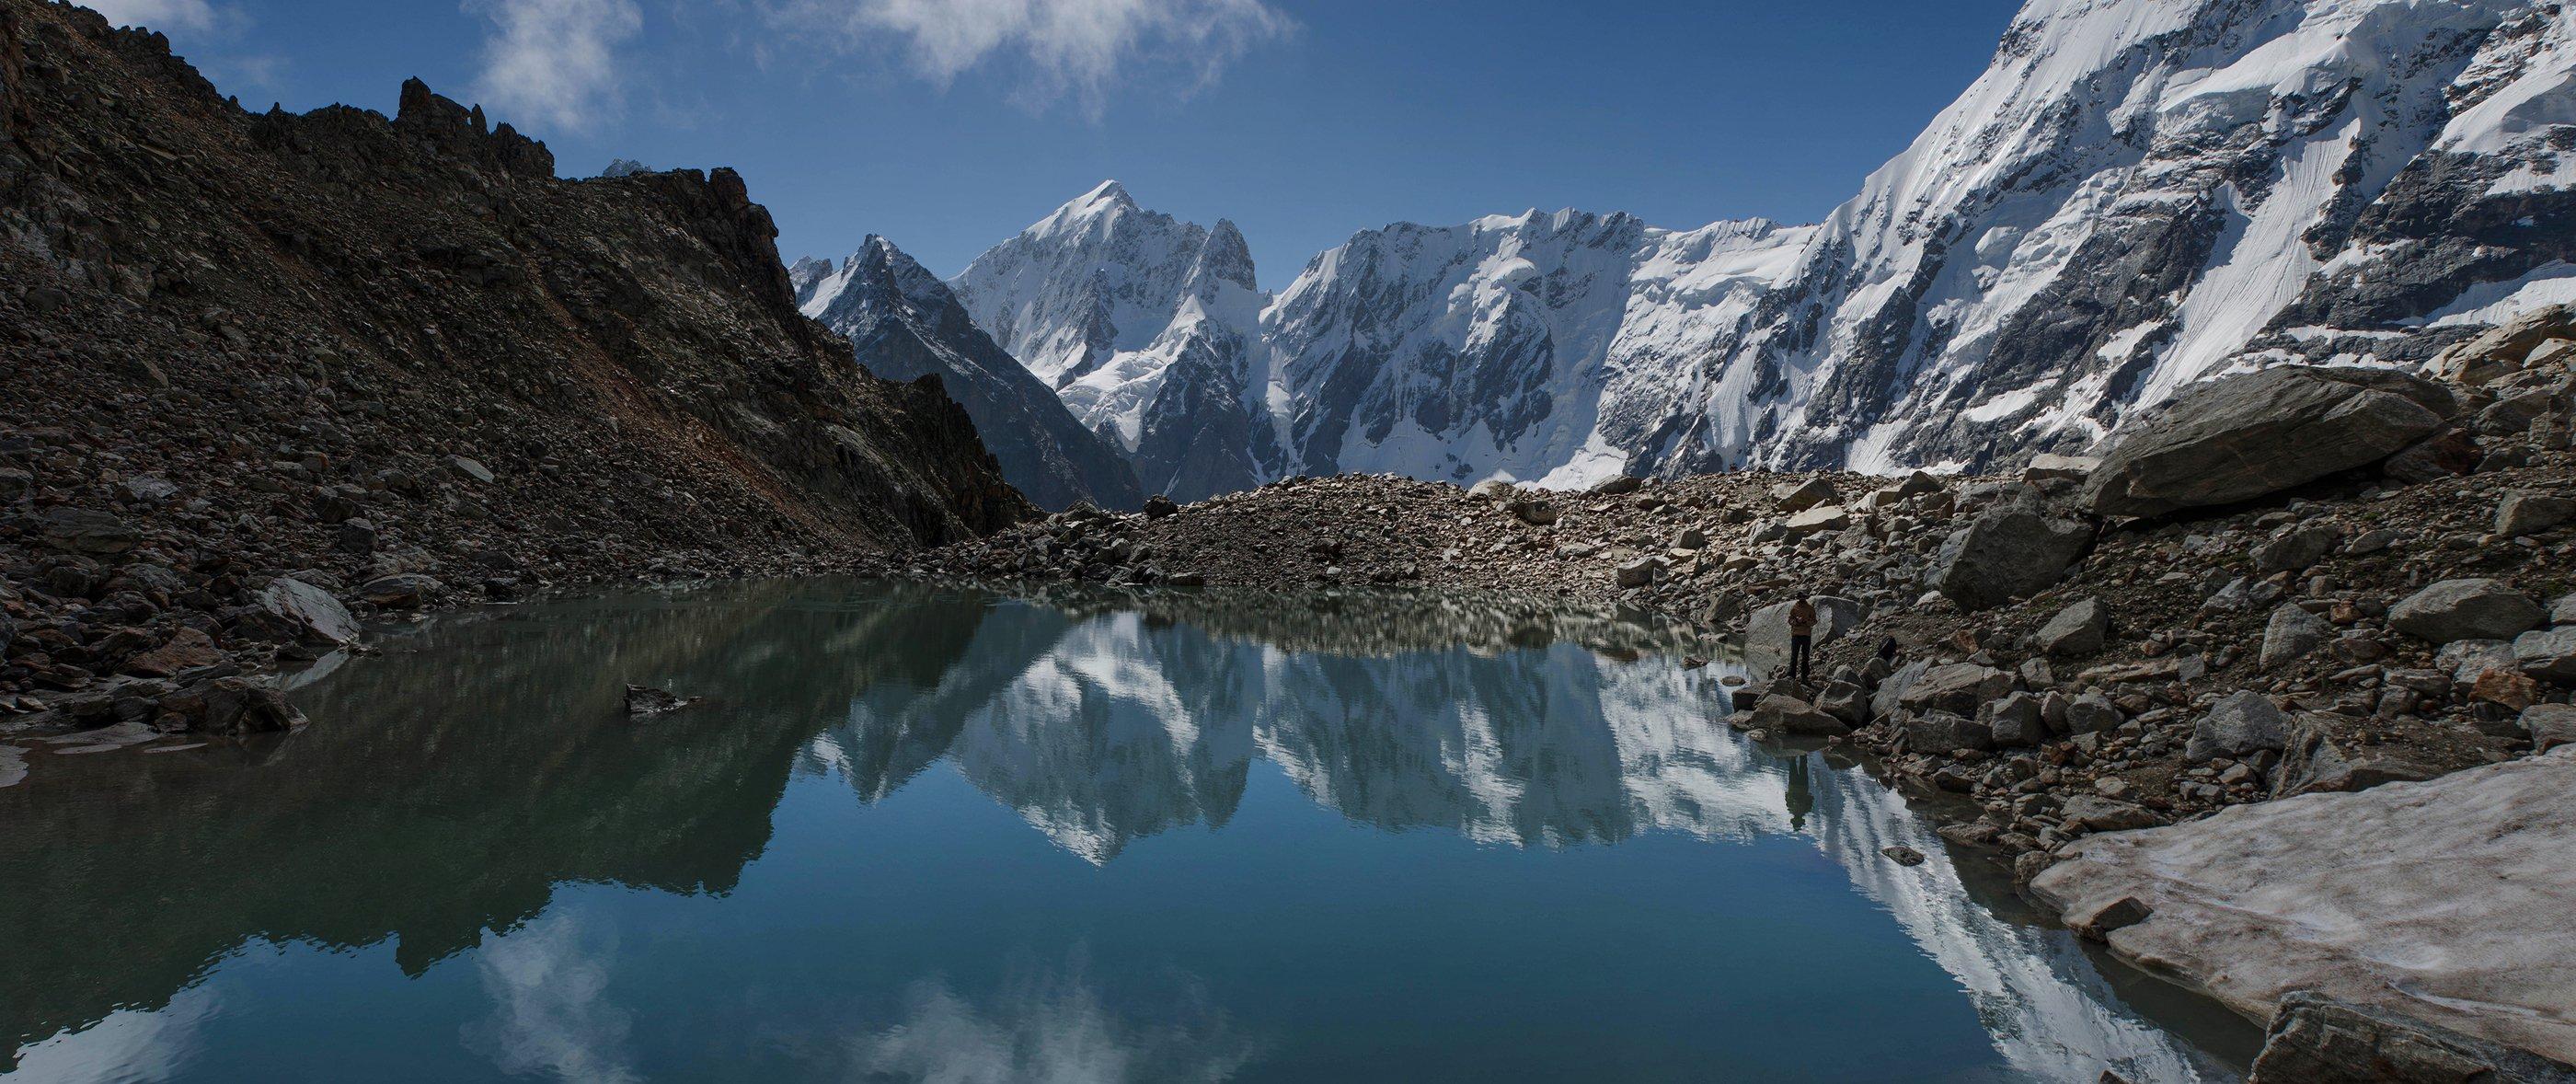 Горы Кавказ Безенги, Алексей